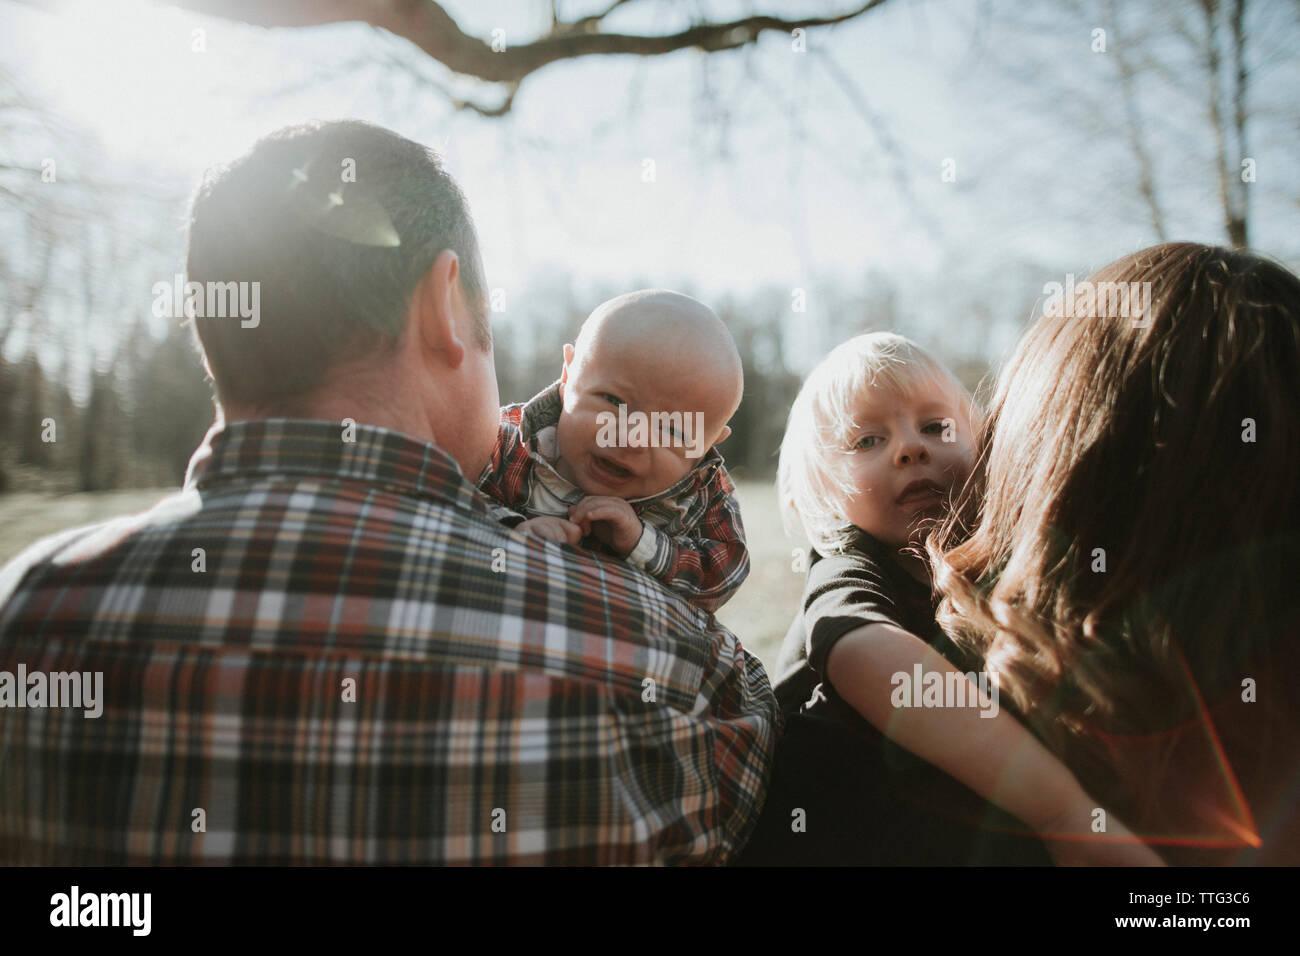 Bebés e Infantes mirar sobre el hombro de sus padres. Foto de stock